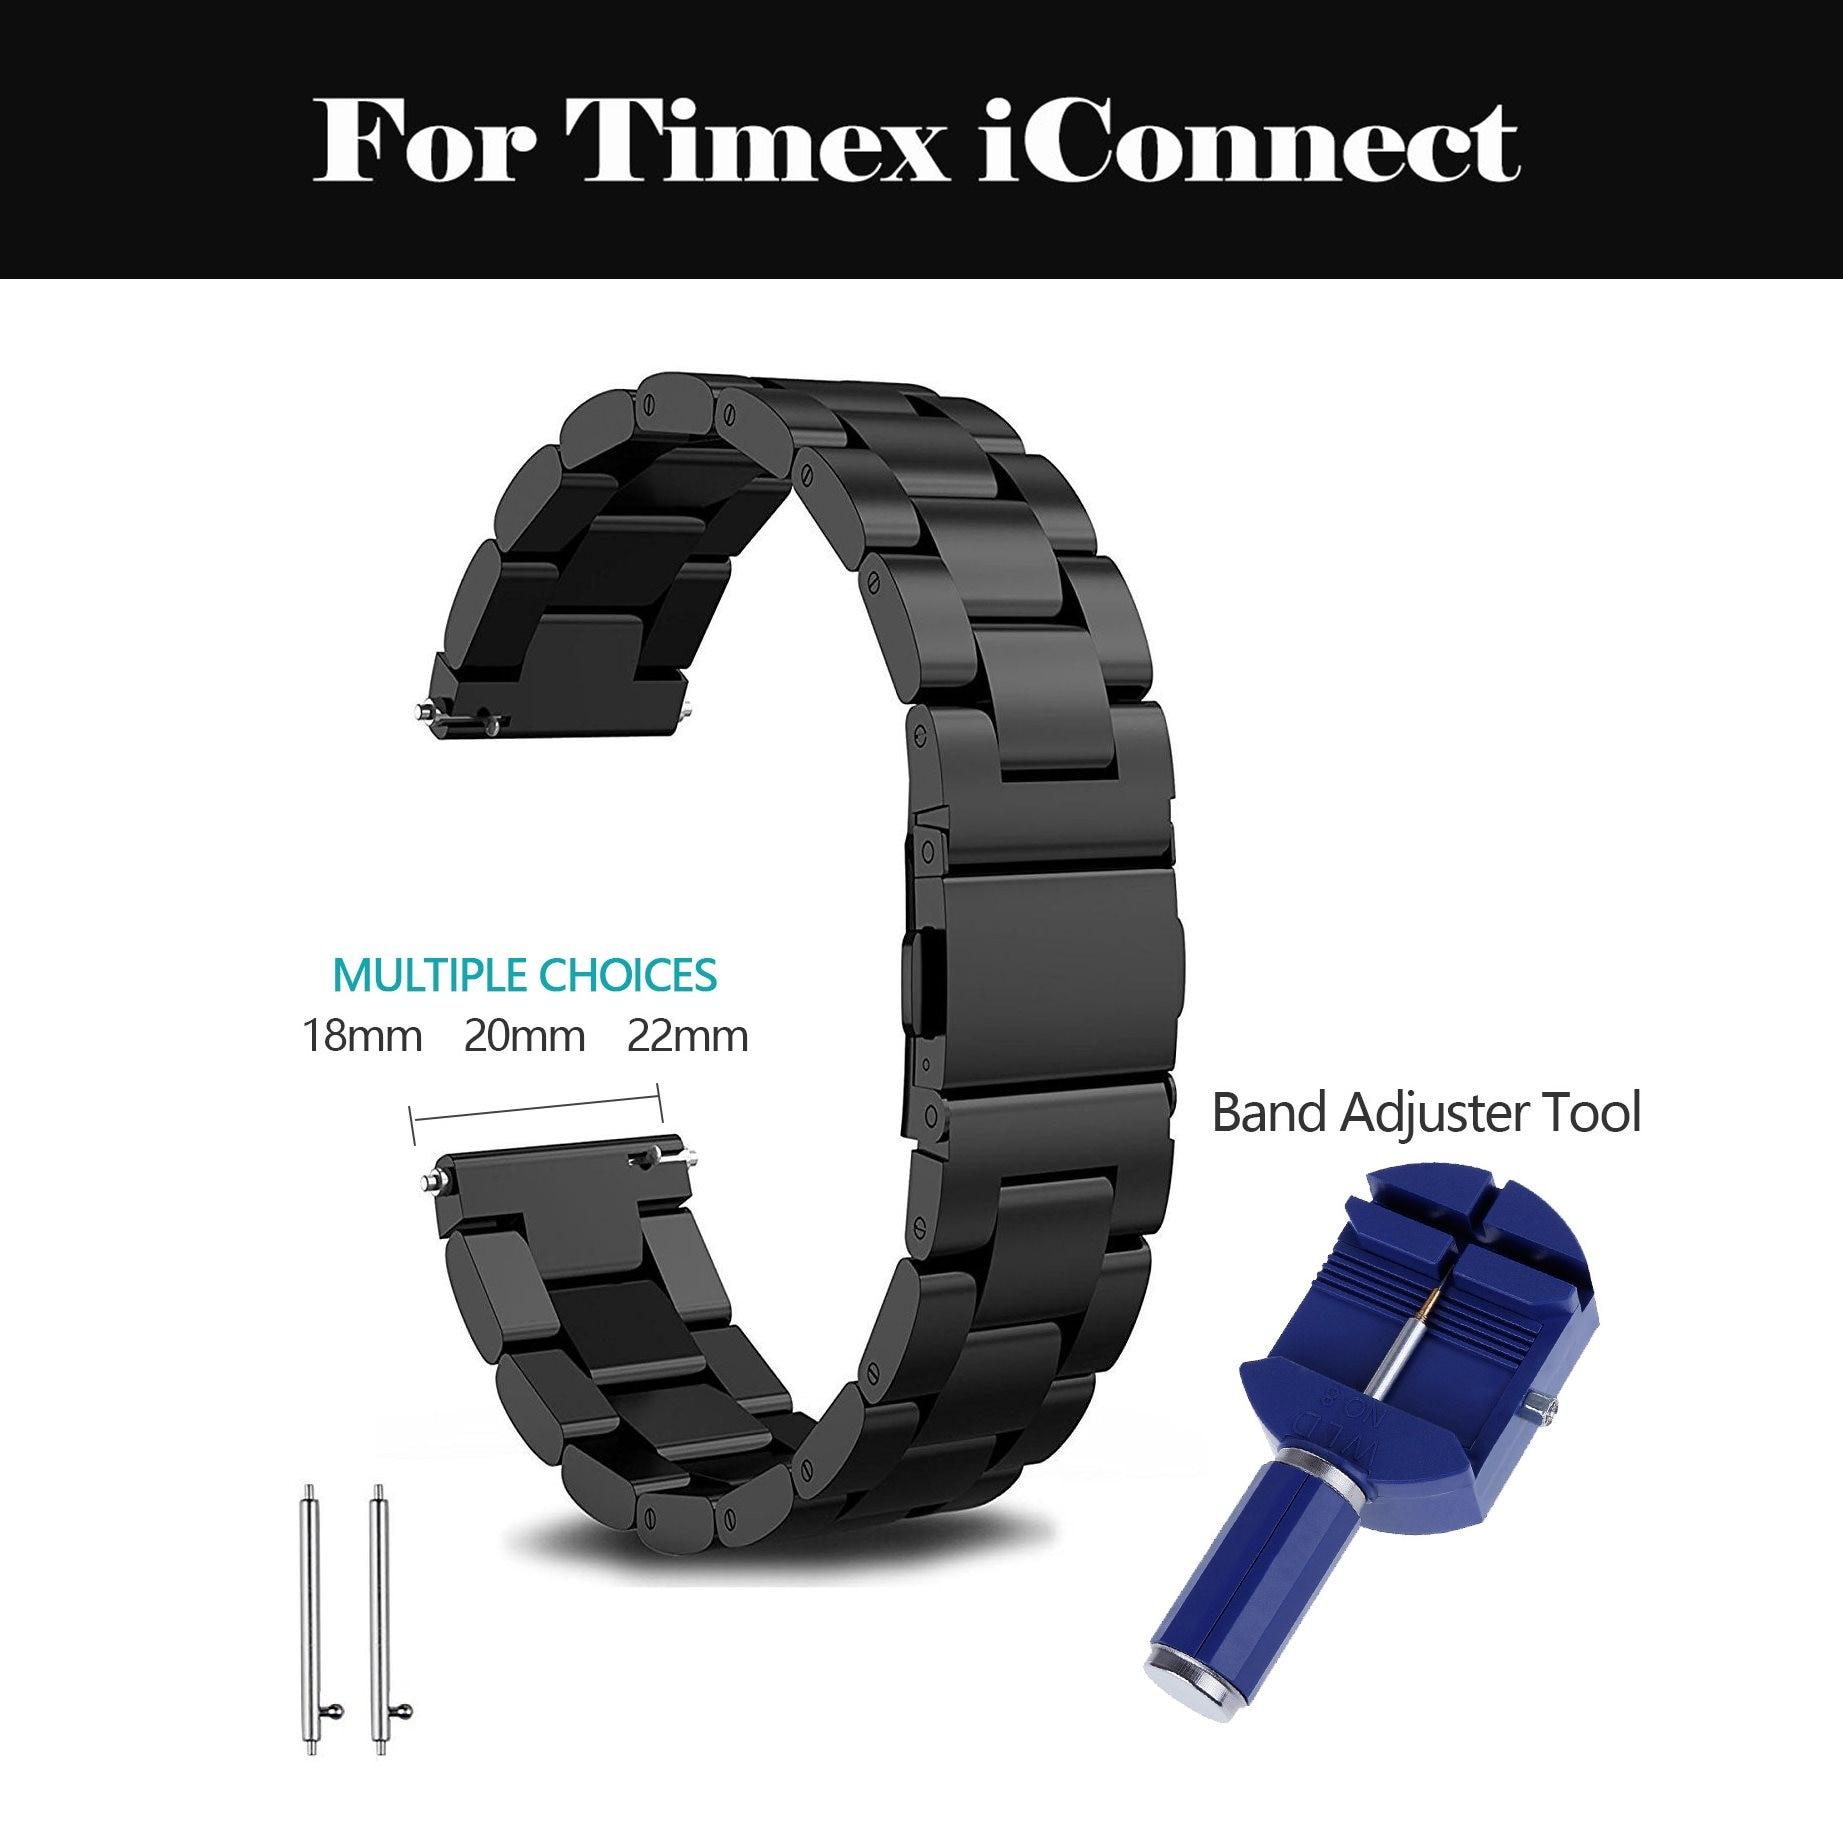 22 20mm correa de reloj de acero inoxidable correa de reloj deportiva clásica fácil de correa de repuesto para reloj Metal para Timex iConnect